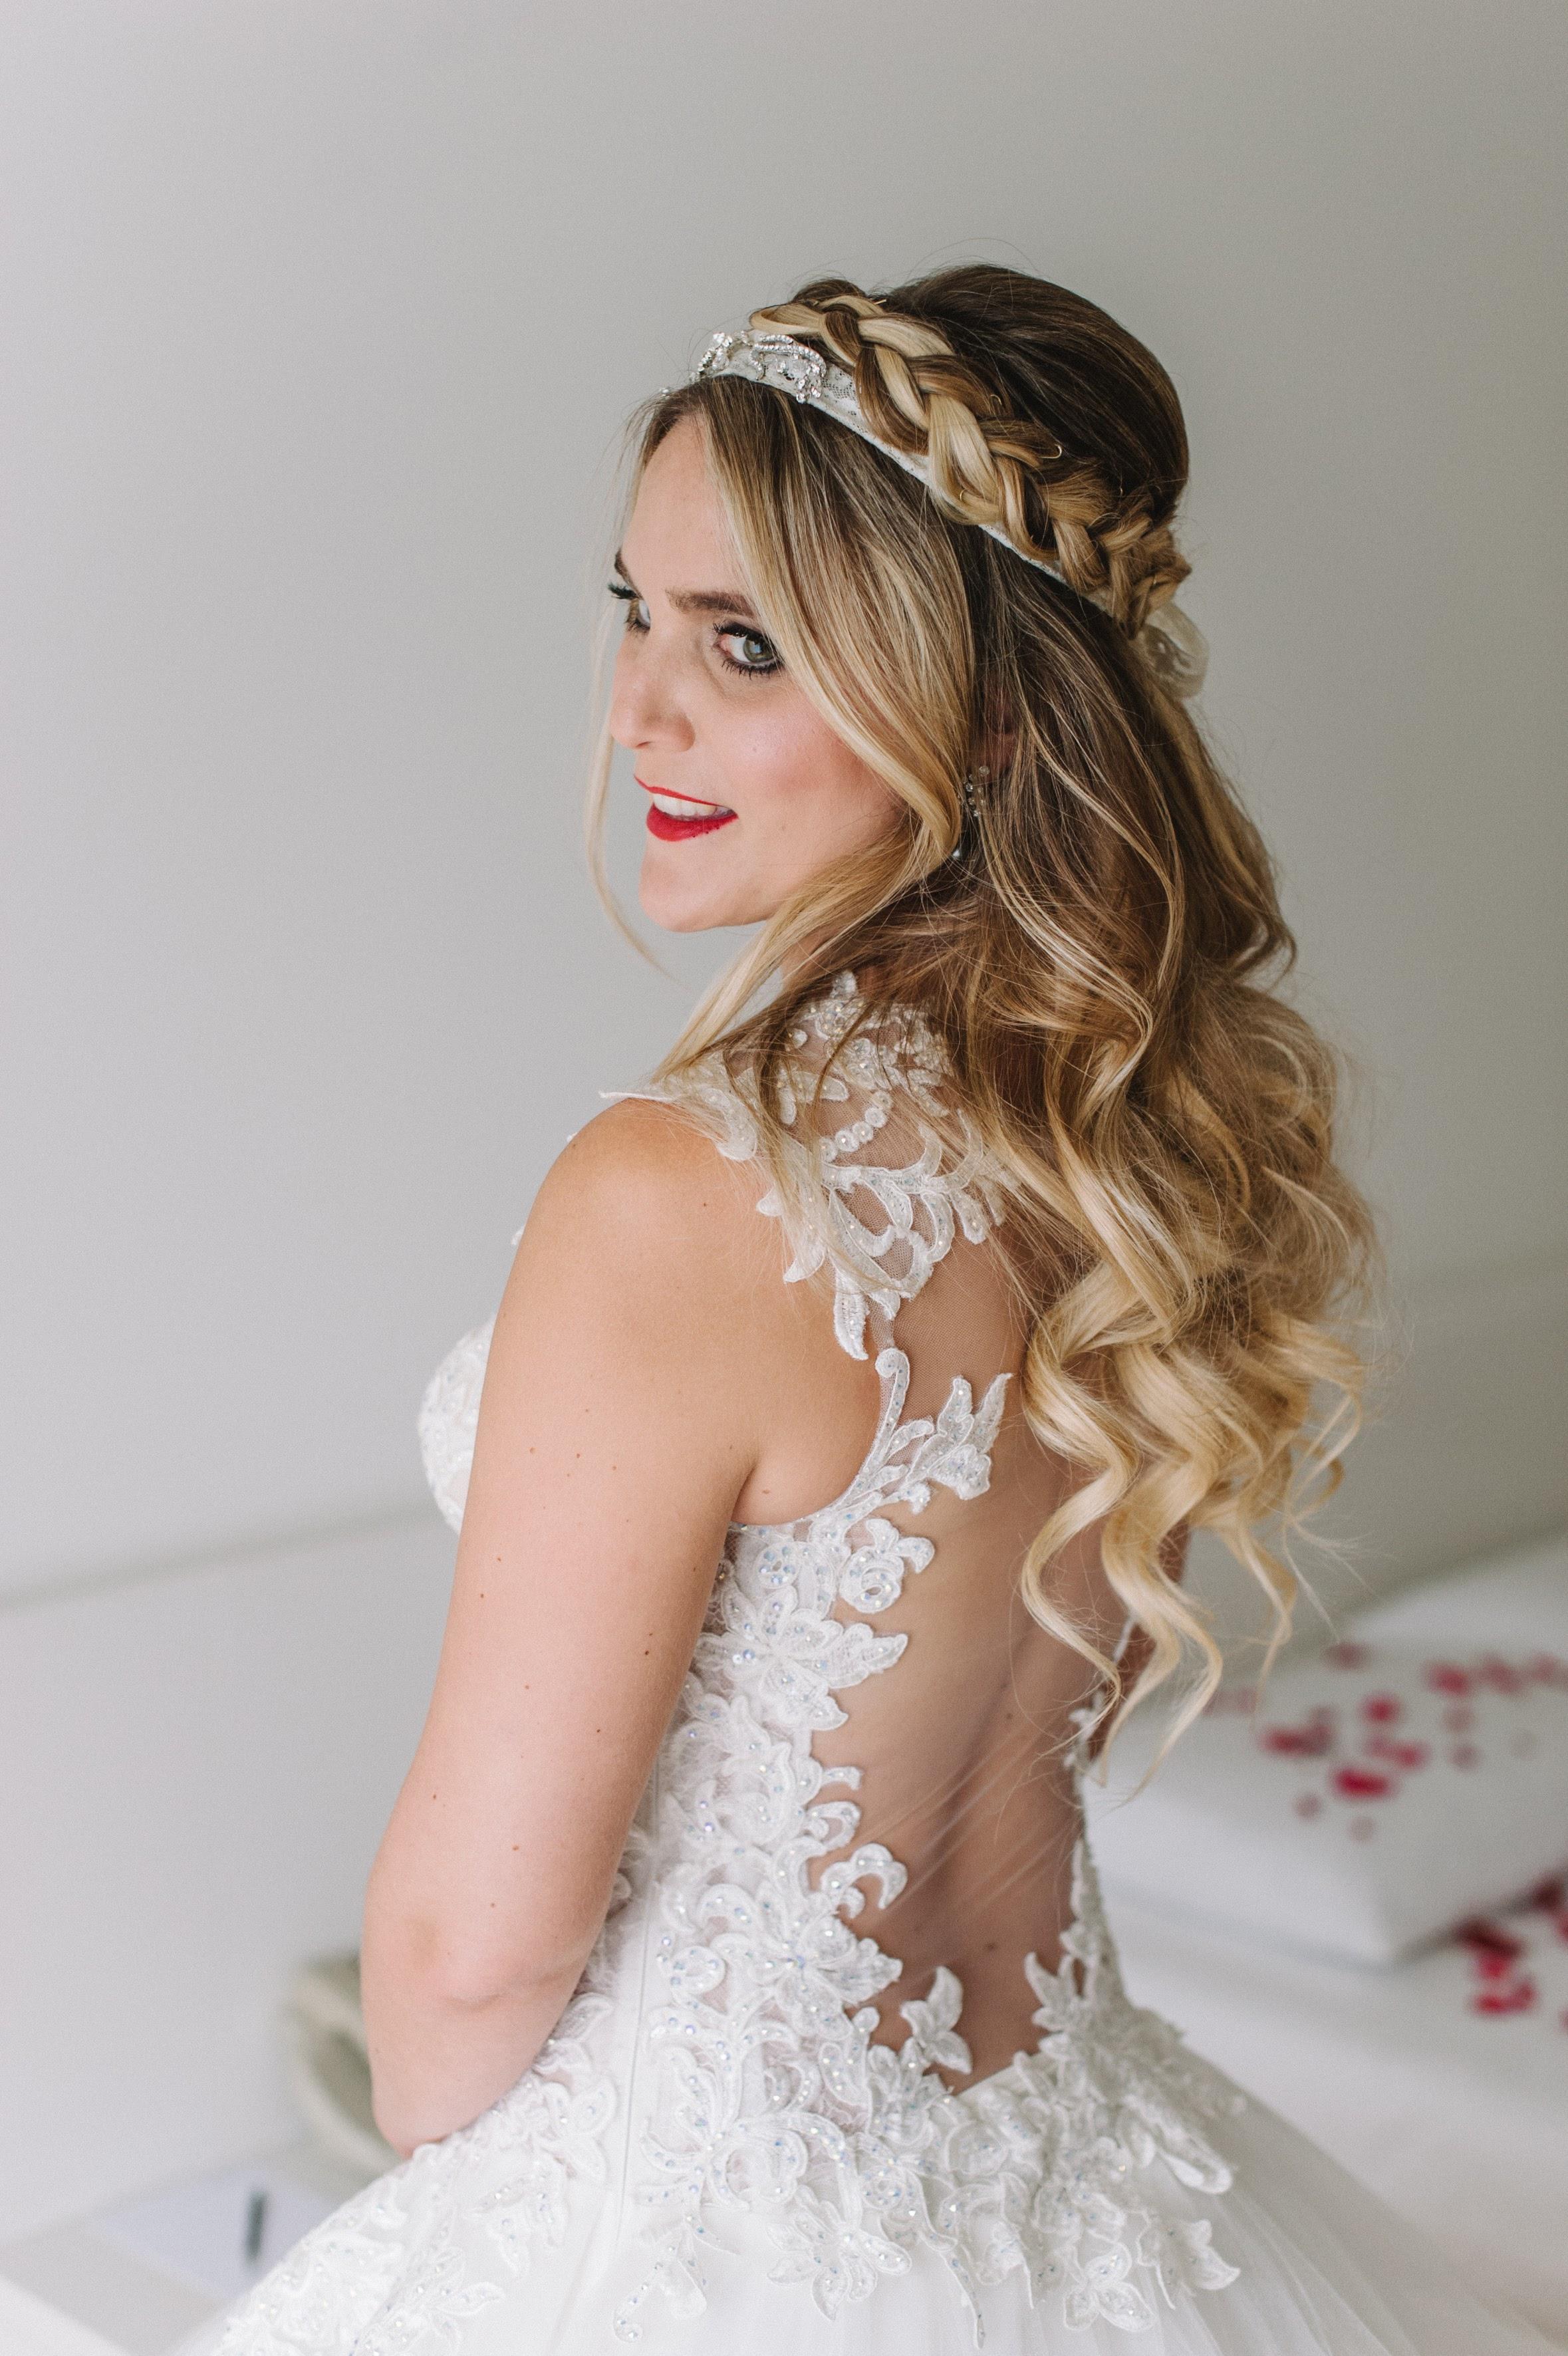 Daria im Hochzeitsgewand